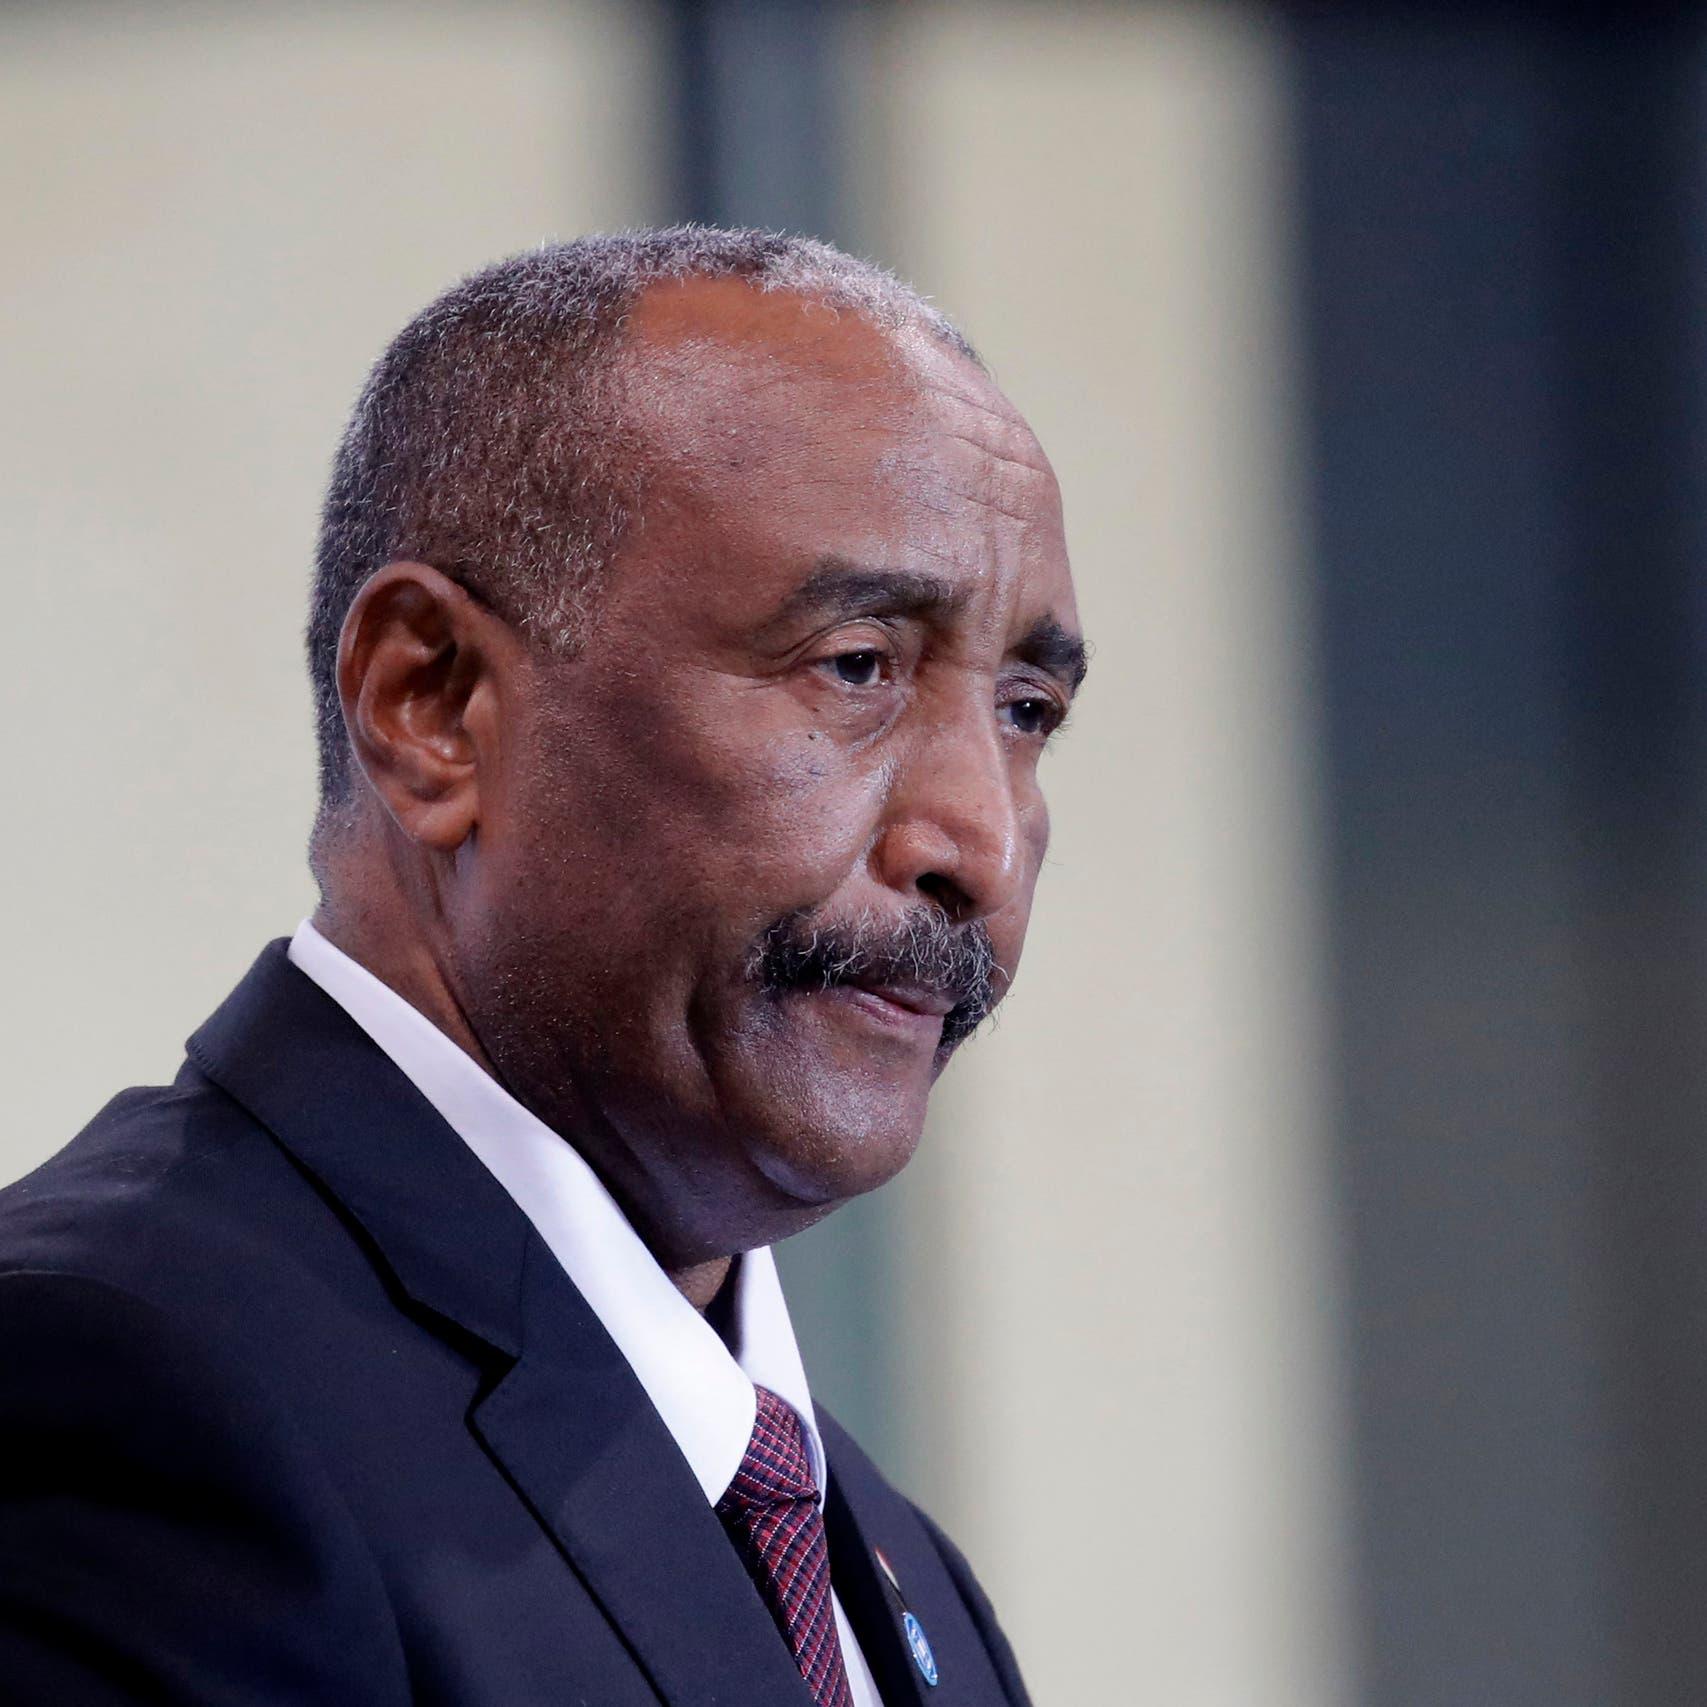 مجلس السيادة السوداني: لا يمكن الجلوس مع جهات تخوننا